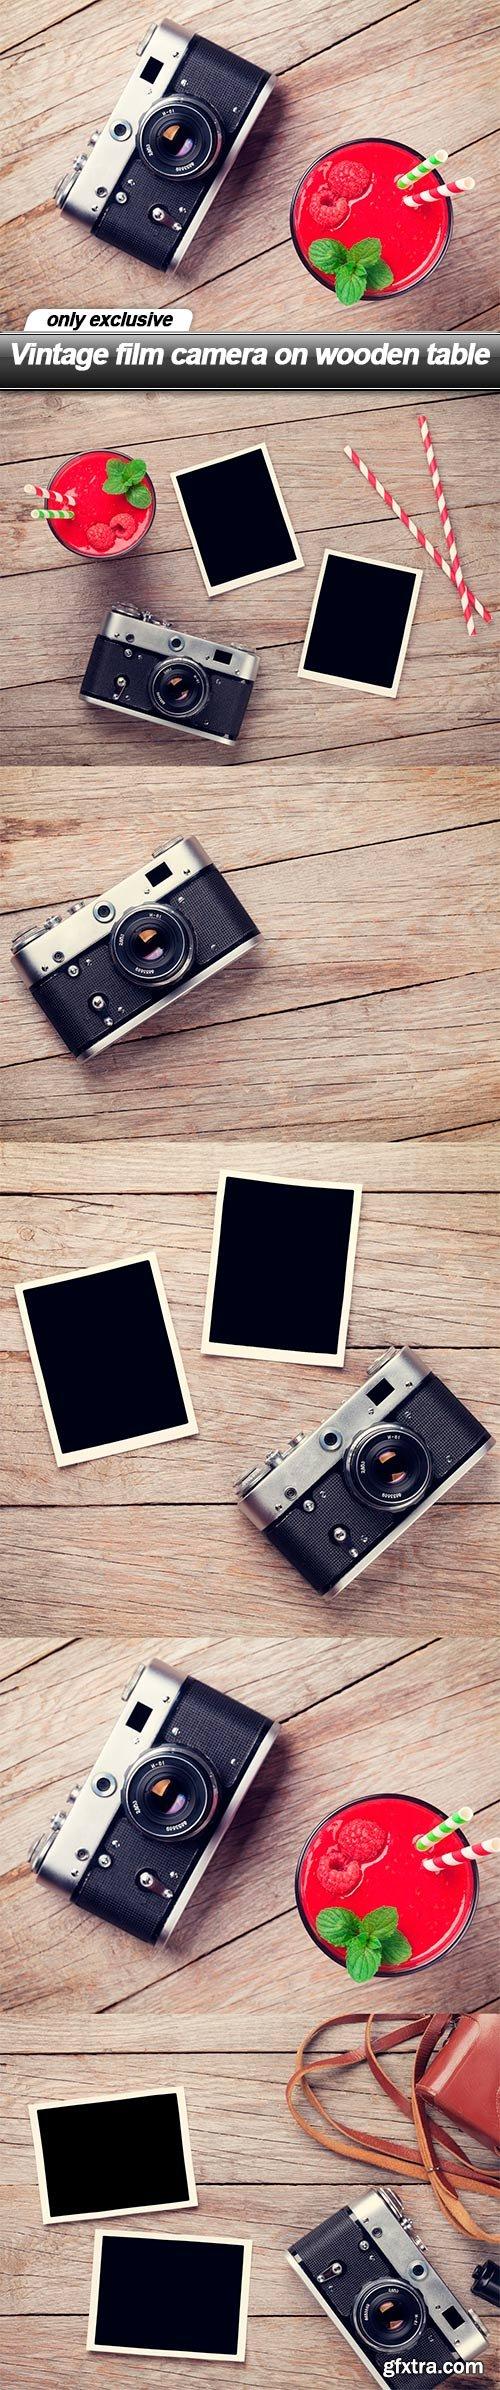 Vintage film camera on wooden table - 5 UHQ JPEG